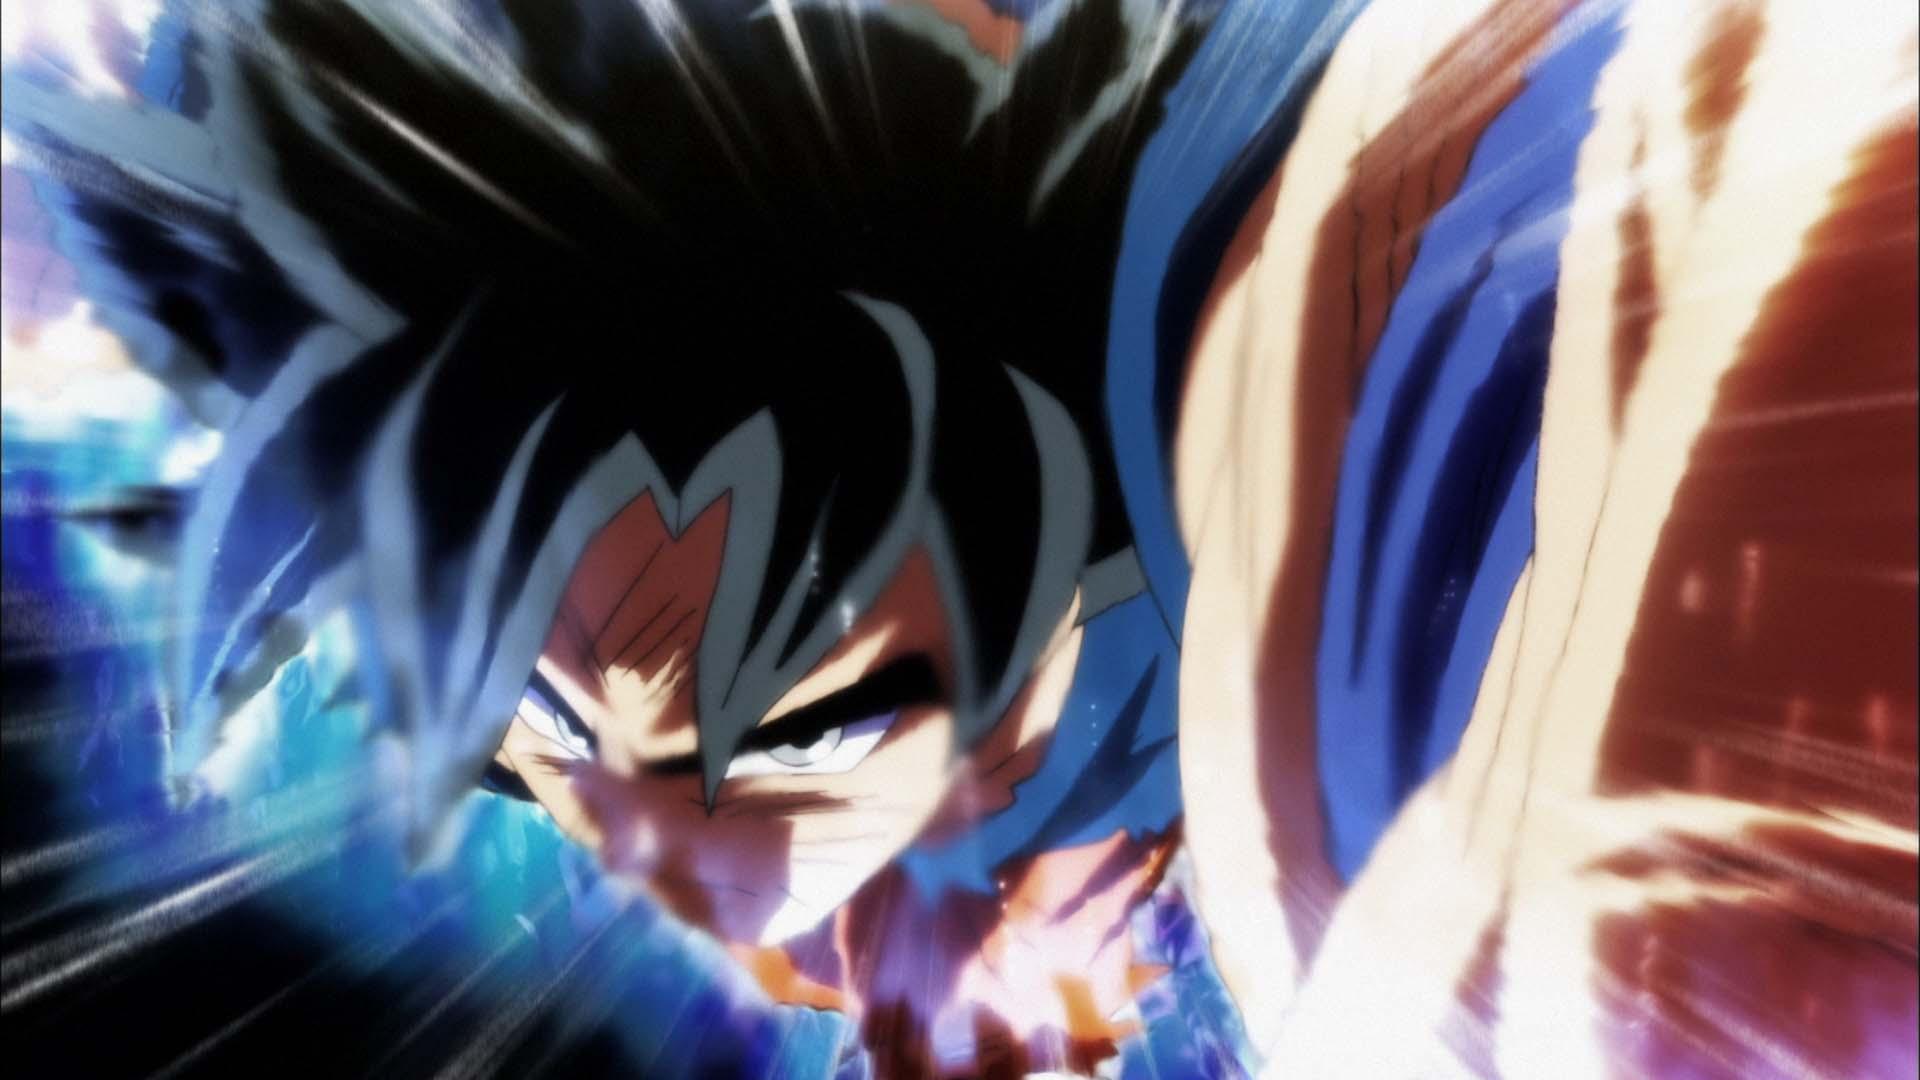 Goku Ultra Instinct 2 PS4Wallpaperscom 1920x1080